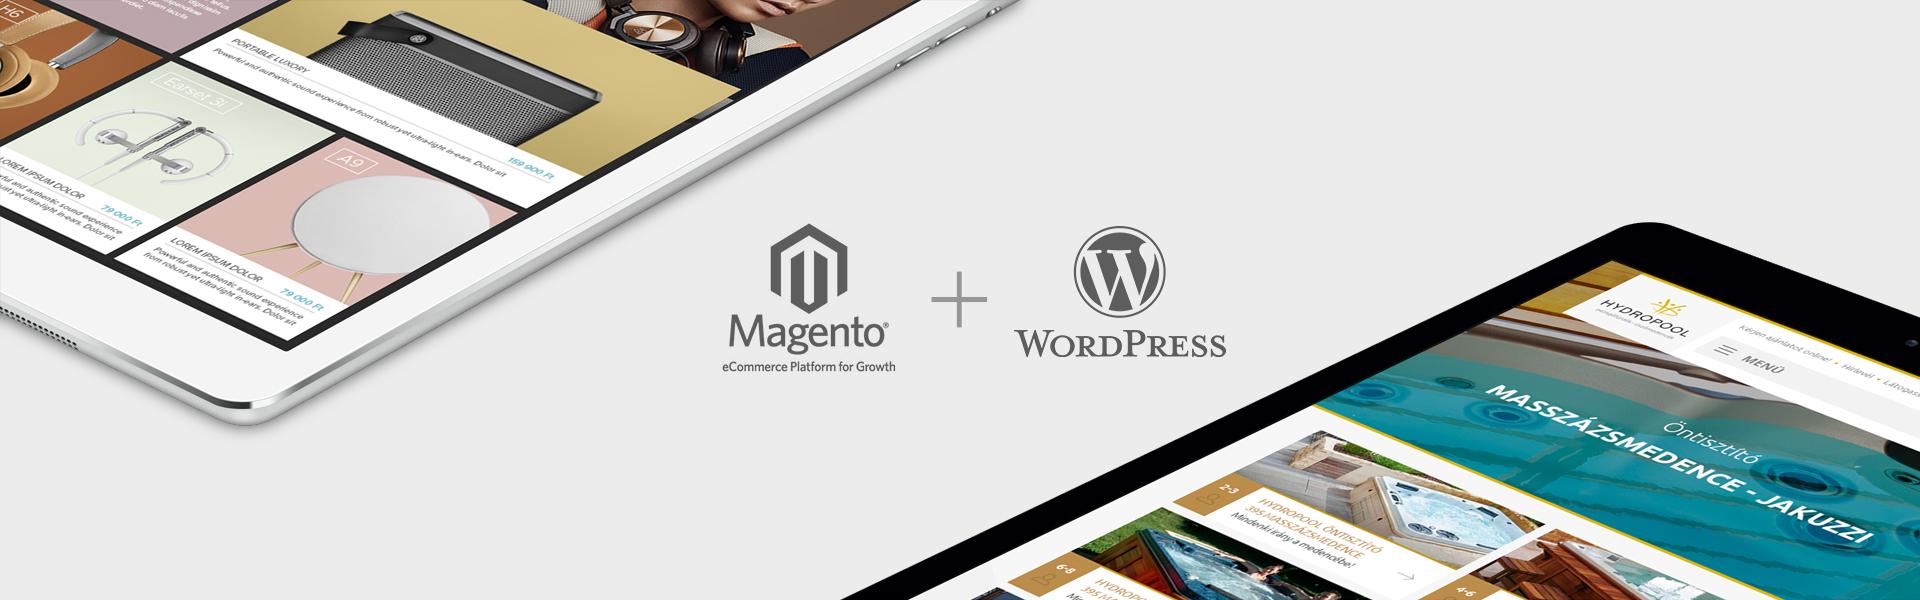 Oander termékek, WordPress és Magento